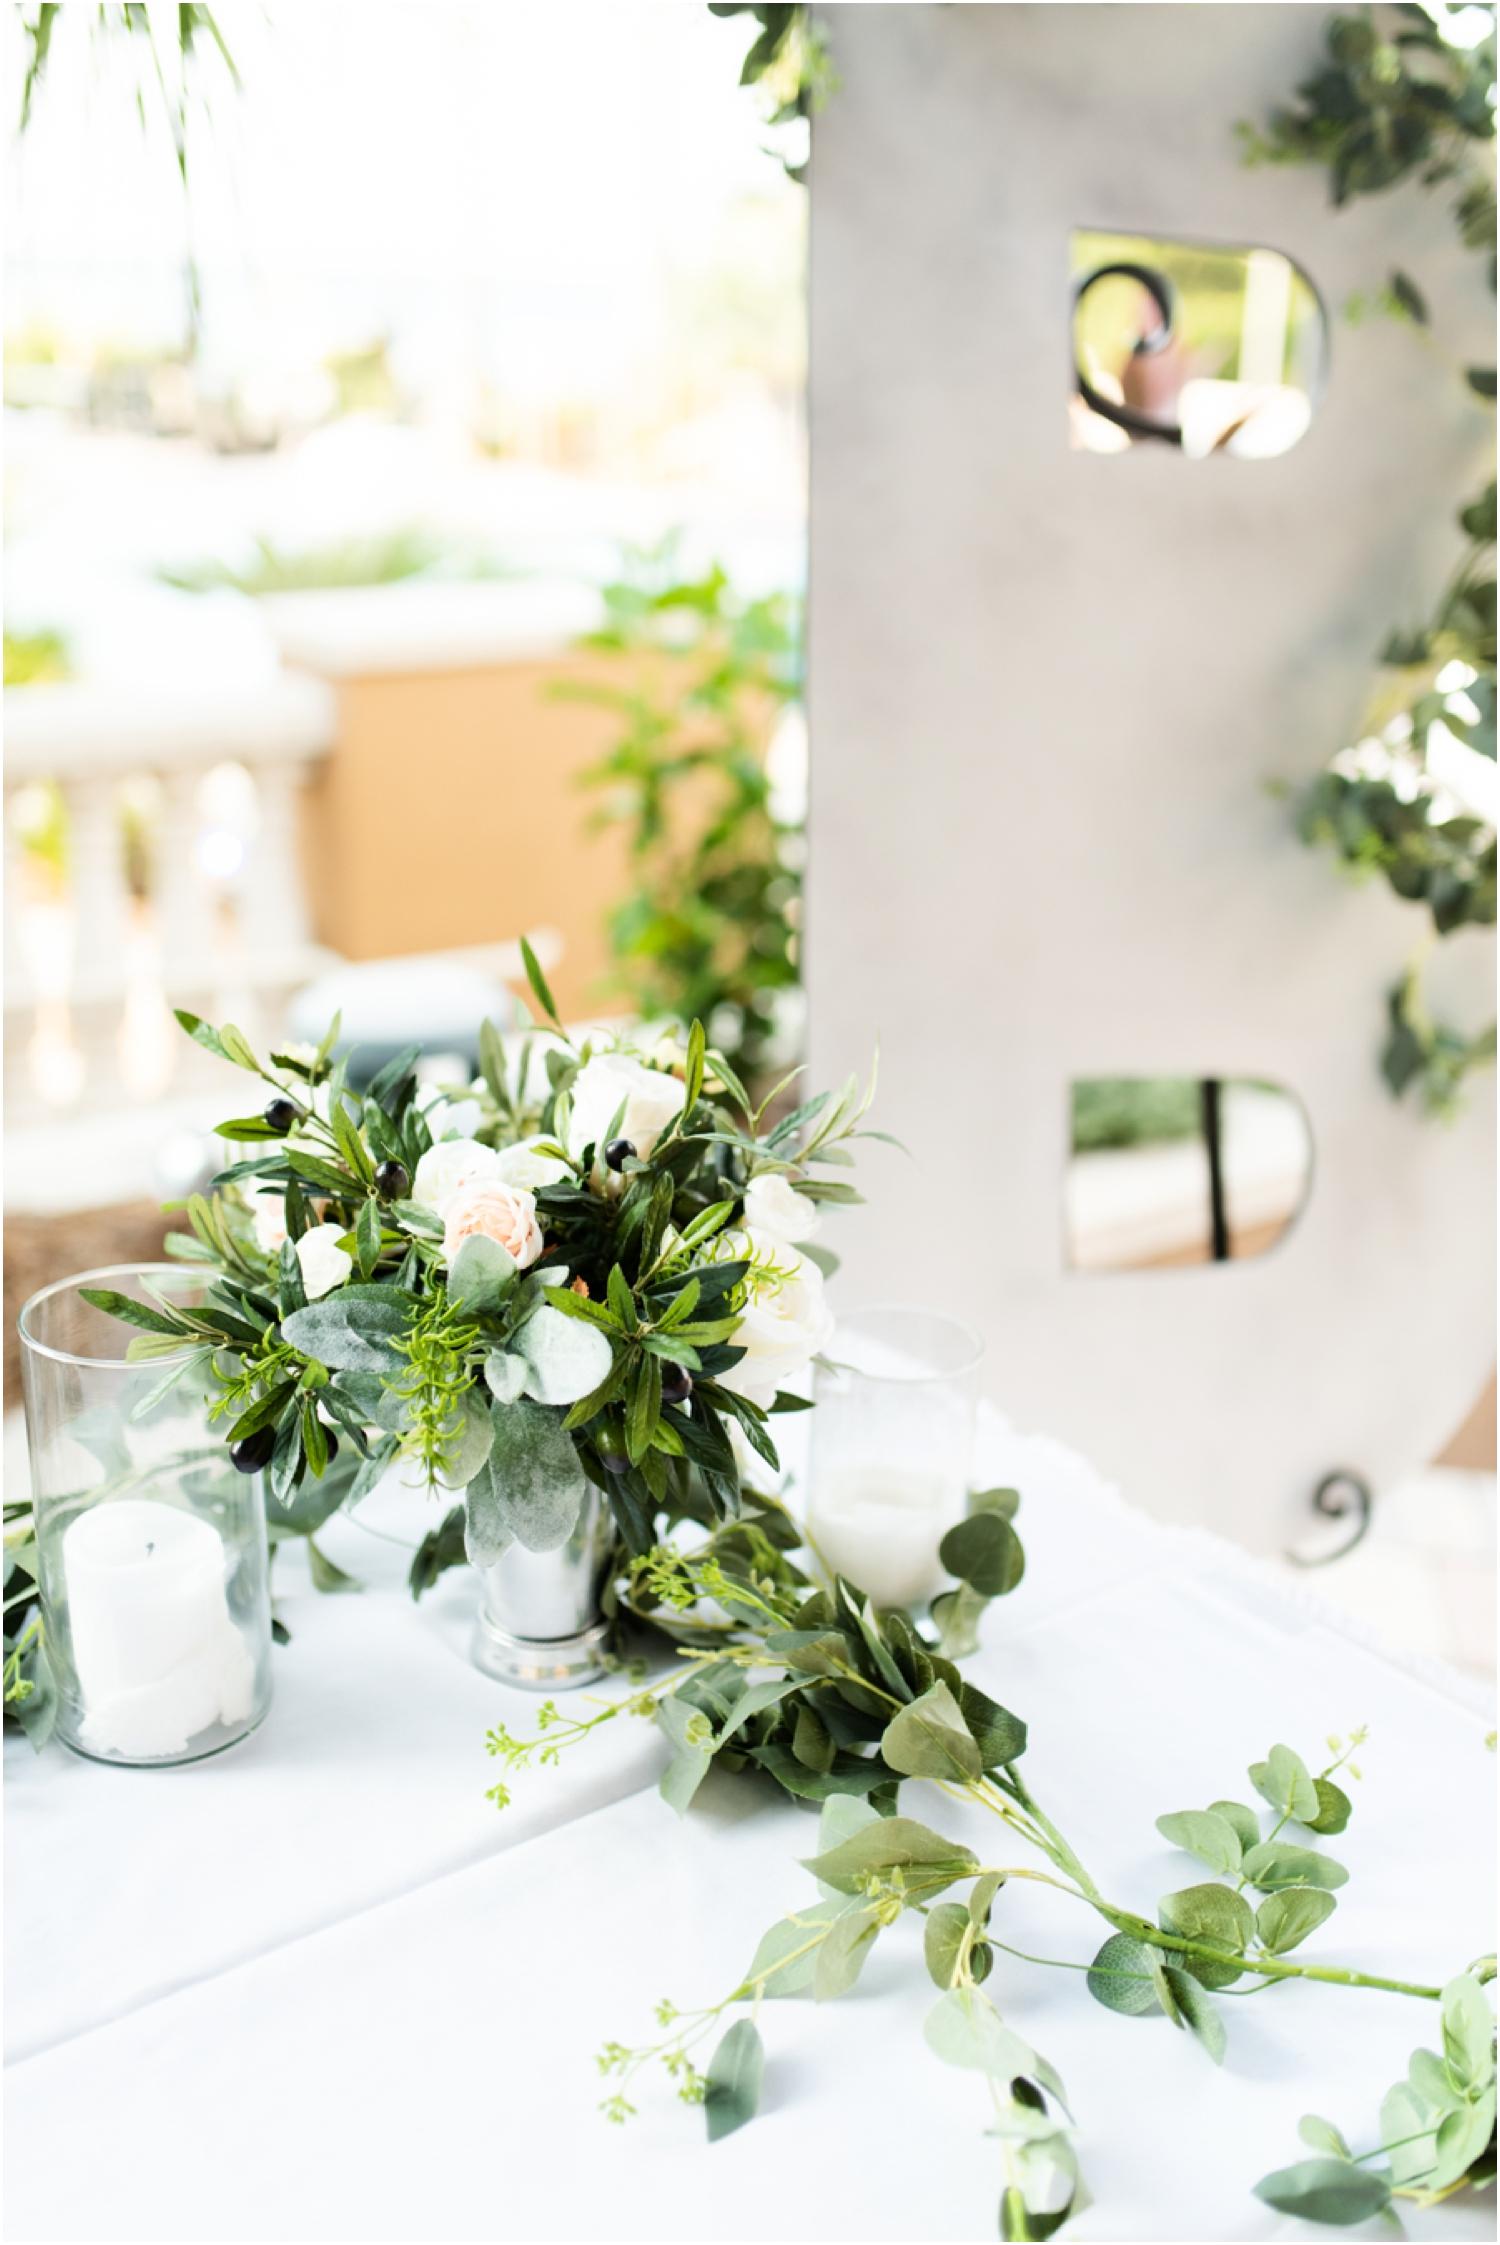 Portofino Island Resort Pensacola Beach Wedding Photographer reception details